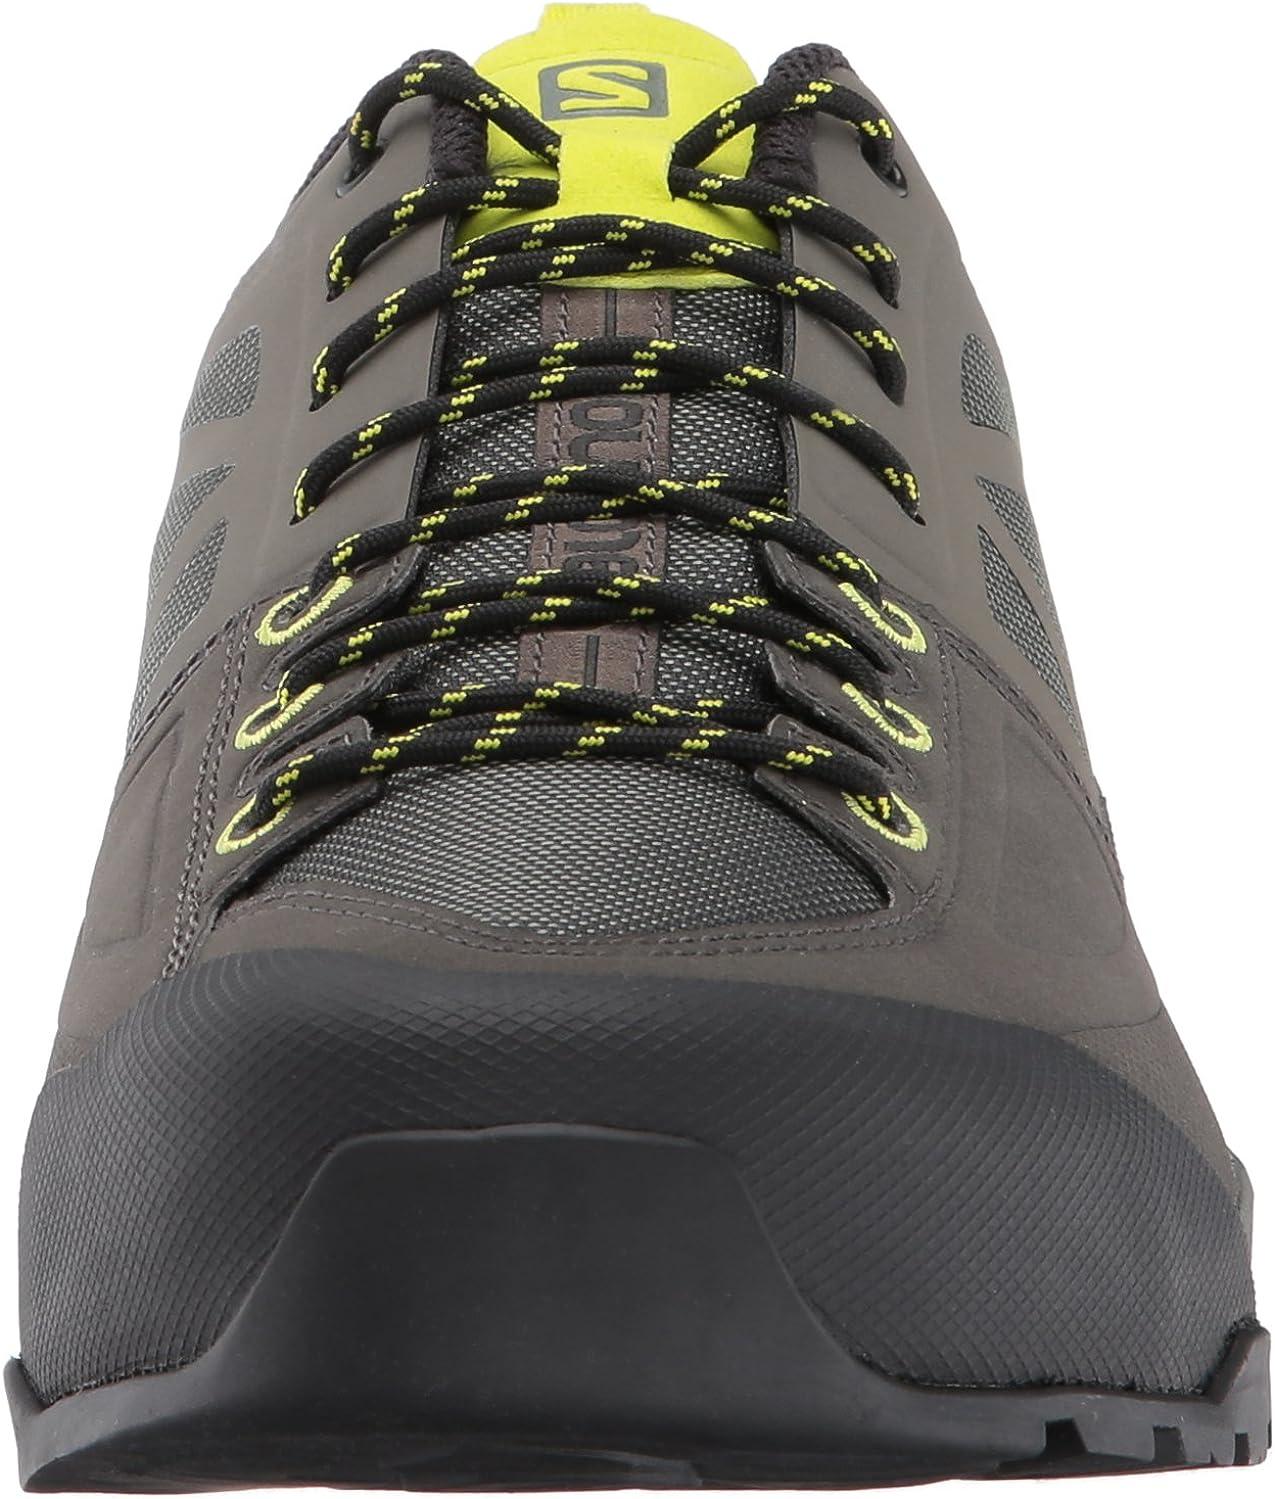 Salomon Men's X ALP SPRY Hiking Shoe Choose SZ+Color